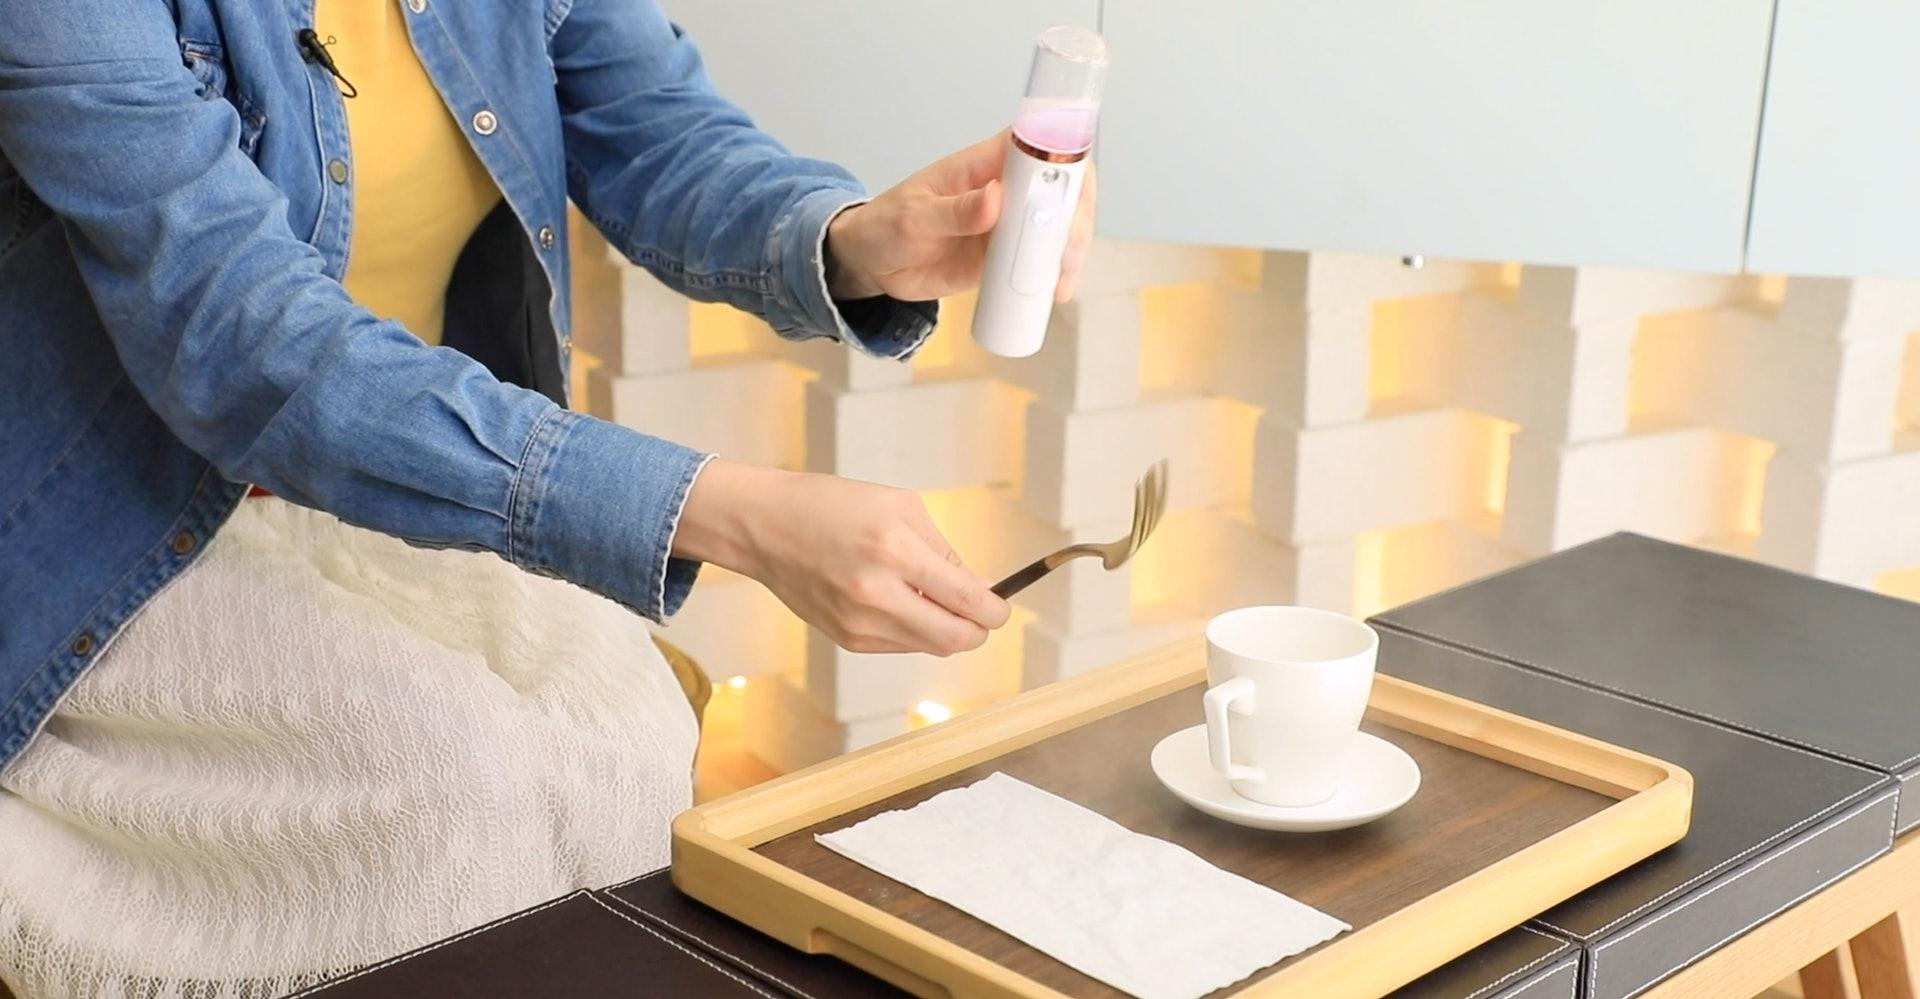 O°Airject可以噴在任何物件及餐具上作消毒(圖片:OᵒAirject)